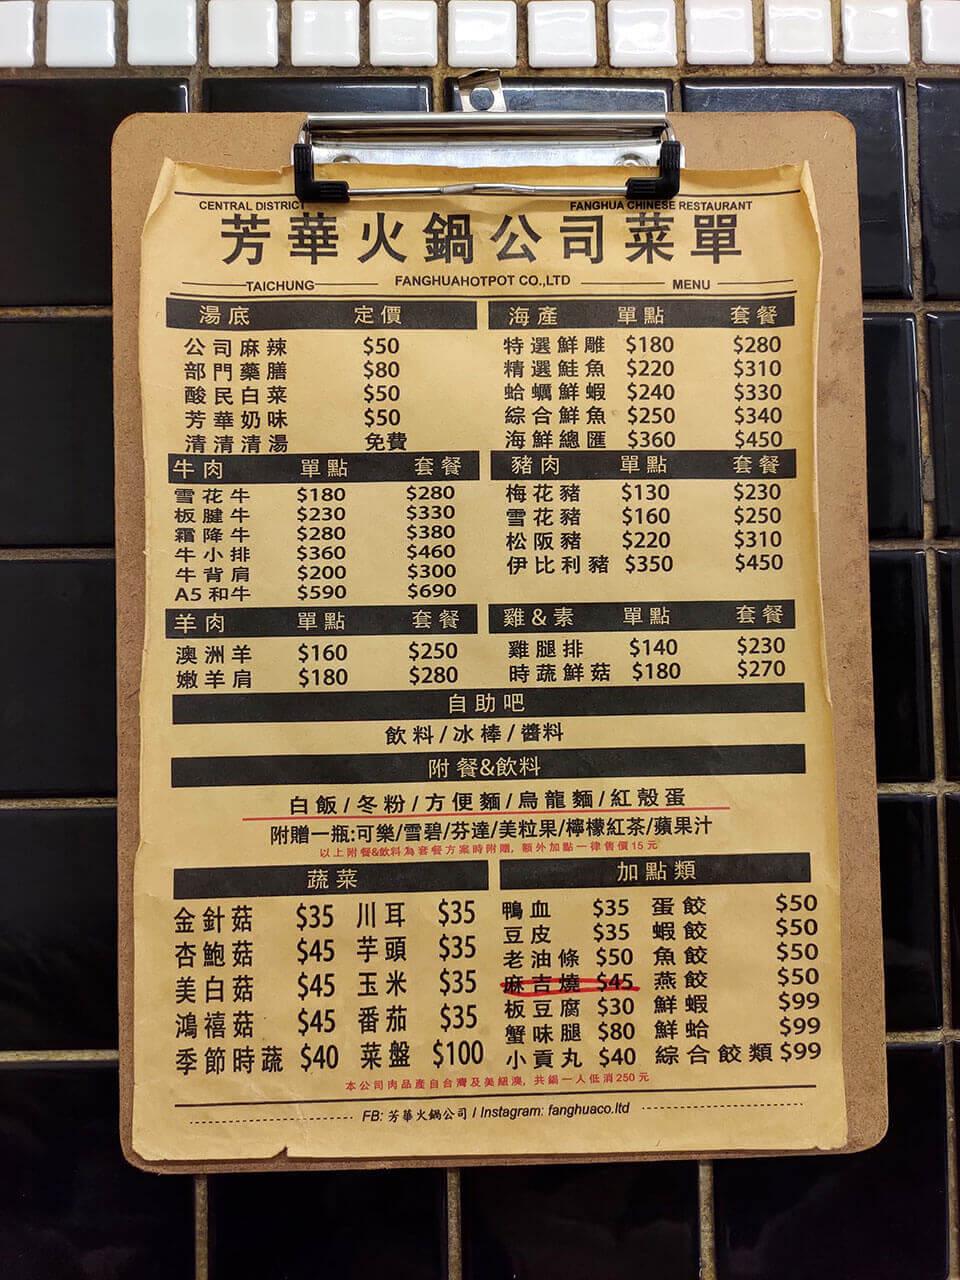 芳華火鍋公司菜單